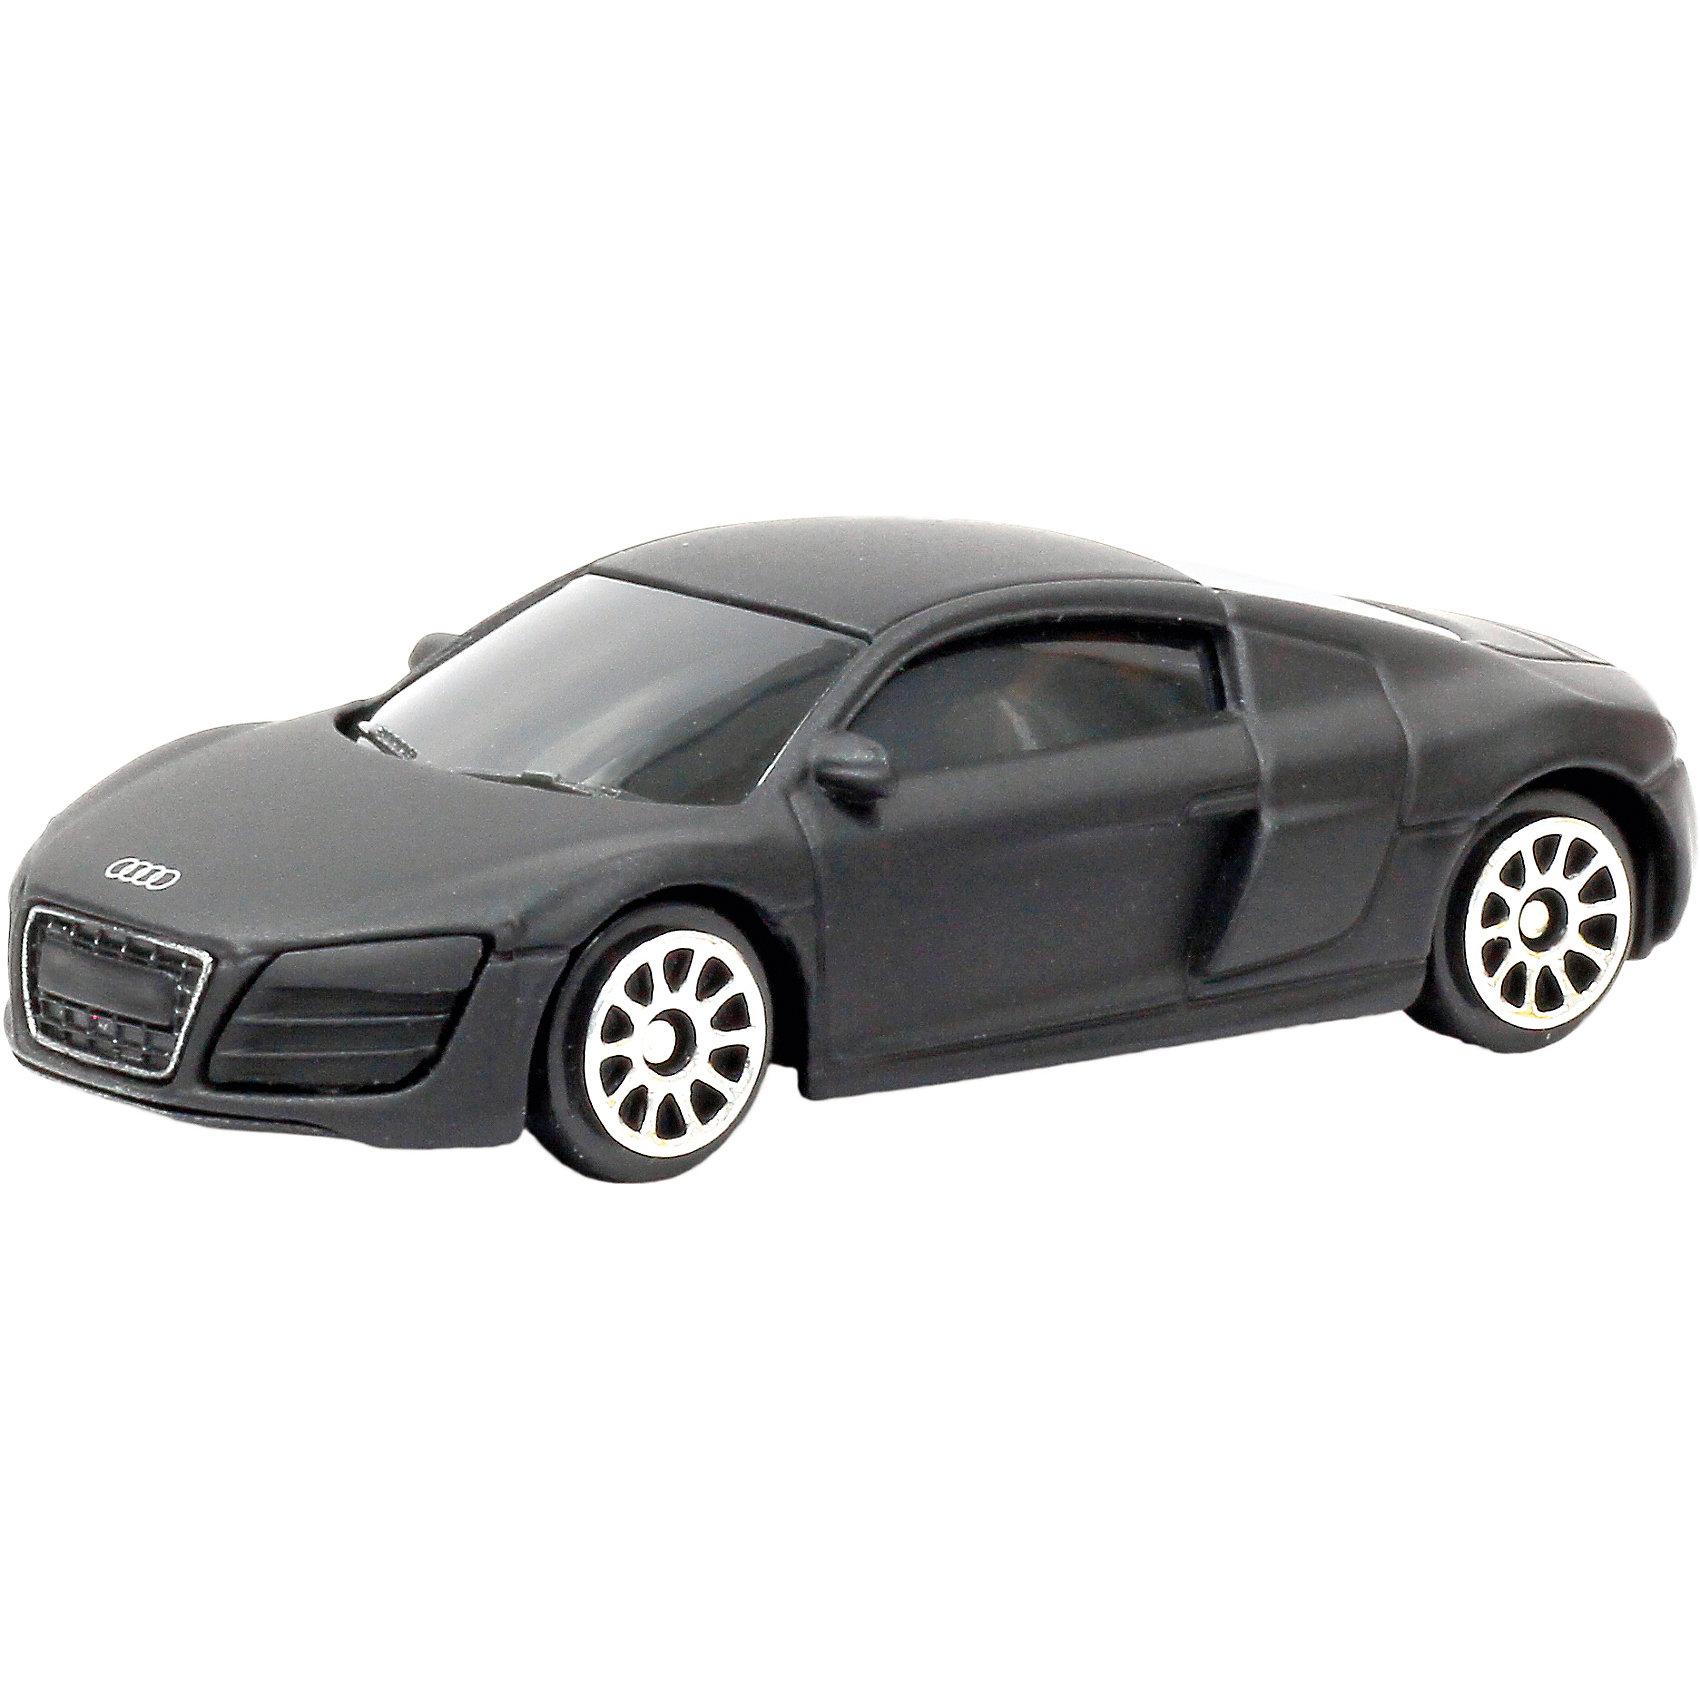 Машинка Audi R8 V10 Black Edition 3, AutotimeМашинки<br>Характеристики товара:<br><br>• цвет: черный<br>• возраст: от 3 лет<br>• материал: металл, пластик<br>• масштаб: 1:64<br>• двери открываются<br>• размер упаковки: 9х4х4 см<br>• вес с упаковкой: 100 г<br>• страна бренда: Россия, Китай<br>• страна изготовитель: Китай<br><br>Эта модель представляет собой миниатюрную копию реально существующей машины. Она отличается высокой детализацией, является коллекционной моделью. <br><br>Сделана машинка из прочного и безопасного материала. Корпус - из металла.<br><br>Машинку «Audi R8 V10 Black Edition 3», Autotime (Автотайм) можно купить в нашем интернет-магазине.<br><br>Ширина мм: 165<br>Глубина мм: 57<br>Высота мм: 75<br>Вес г: 15<br>Возраст от месяцев: 36<br>Возраст до месяцев: 2147483647<br>Пол: Мужской<br>Возраст: Детский<br>SKU: 5584113